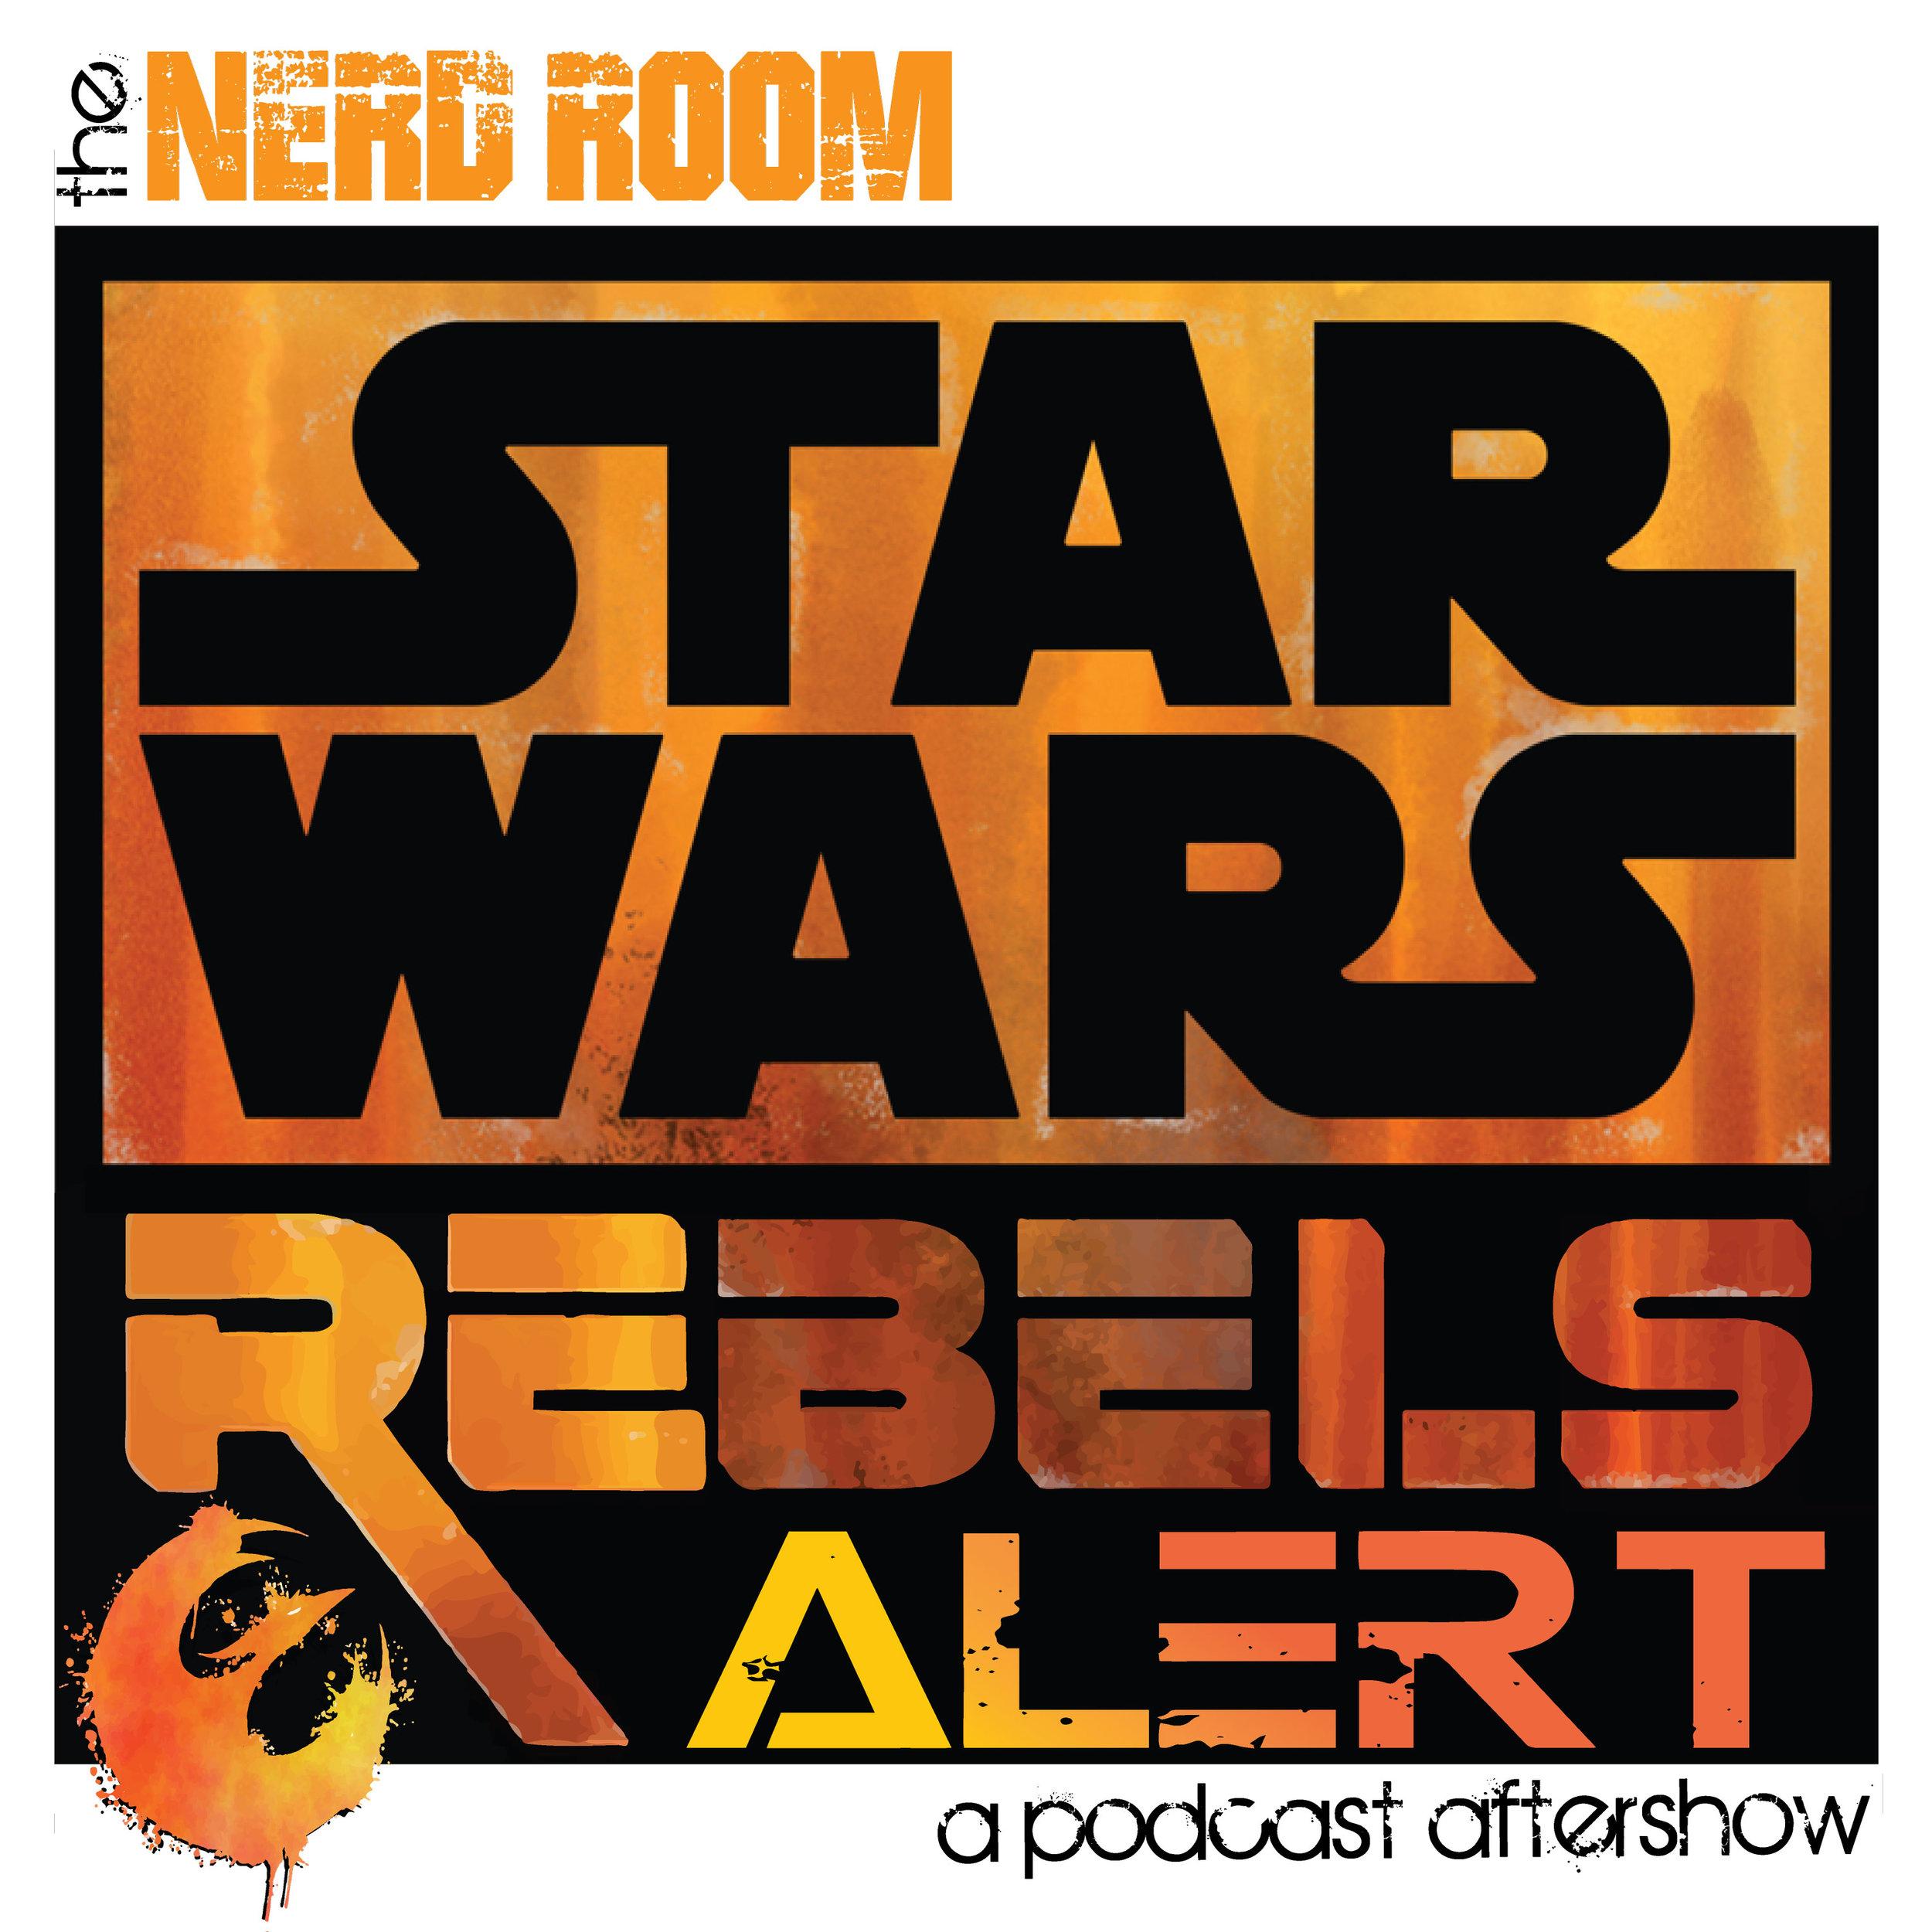 SW Rebel Alert Logo.jpg